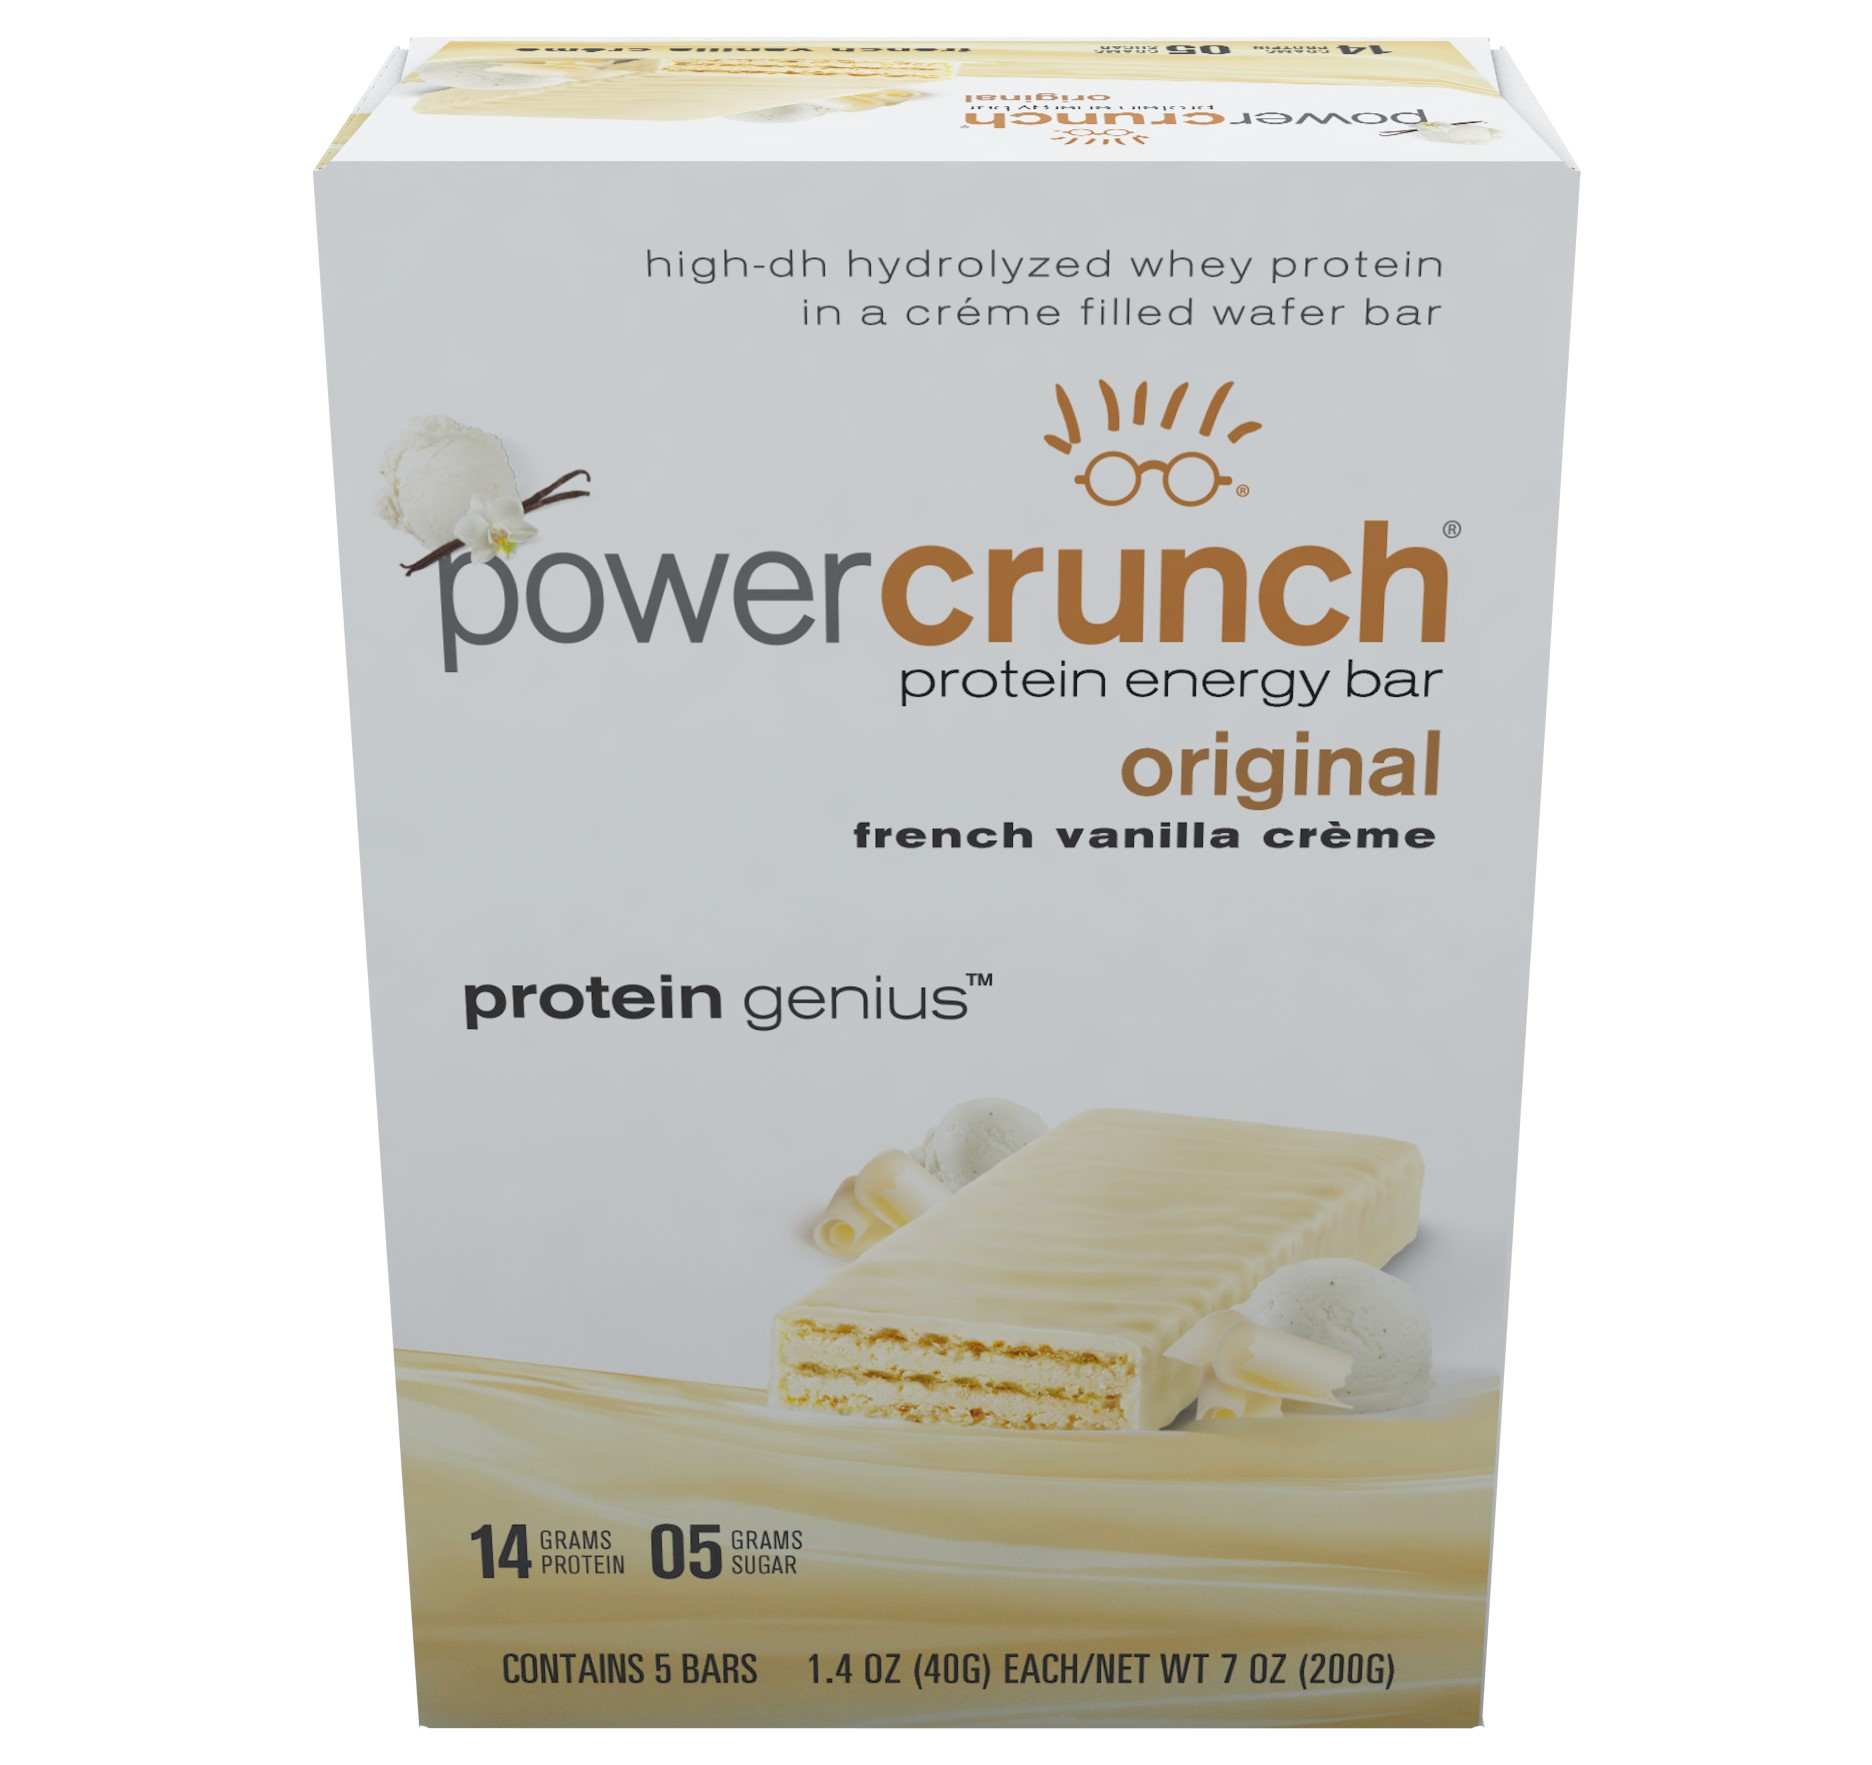 Power Crunch Protein Energy Bar, French Vanilla Cream, 14g Protein, 5 Ct